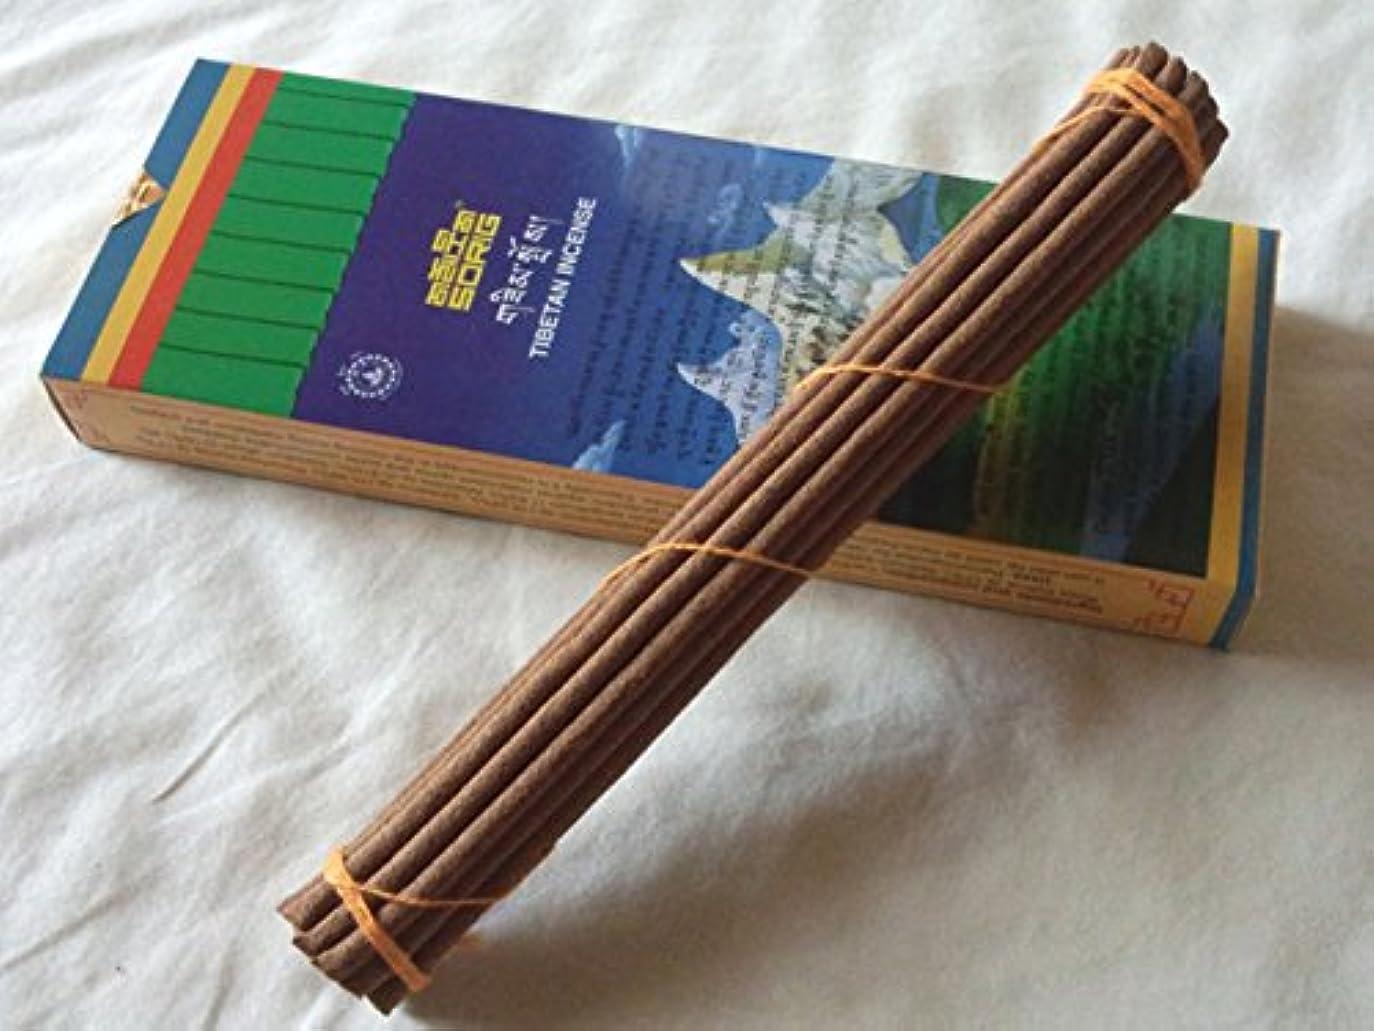 アラーム立ち向かう申込みMen-Tsee-Khang/メンツィカンのお香-お徳用トリプル SORIG Tibetan Incense big 約20本入×3束